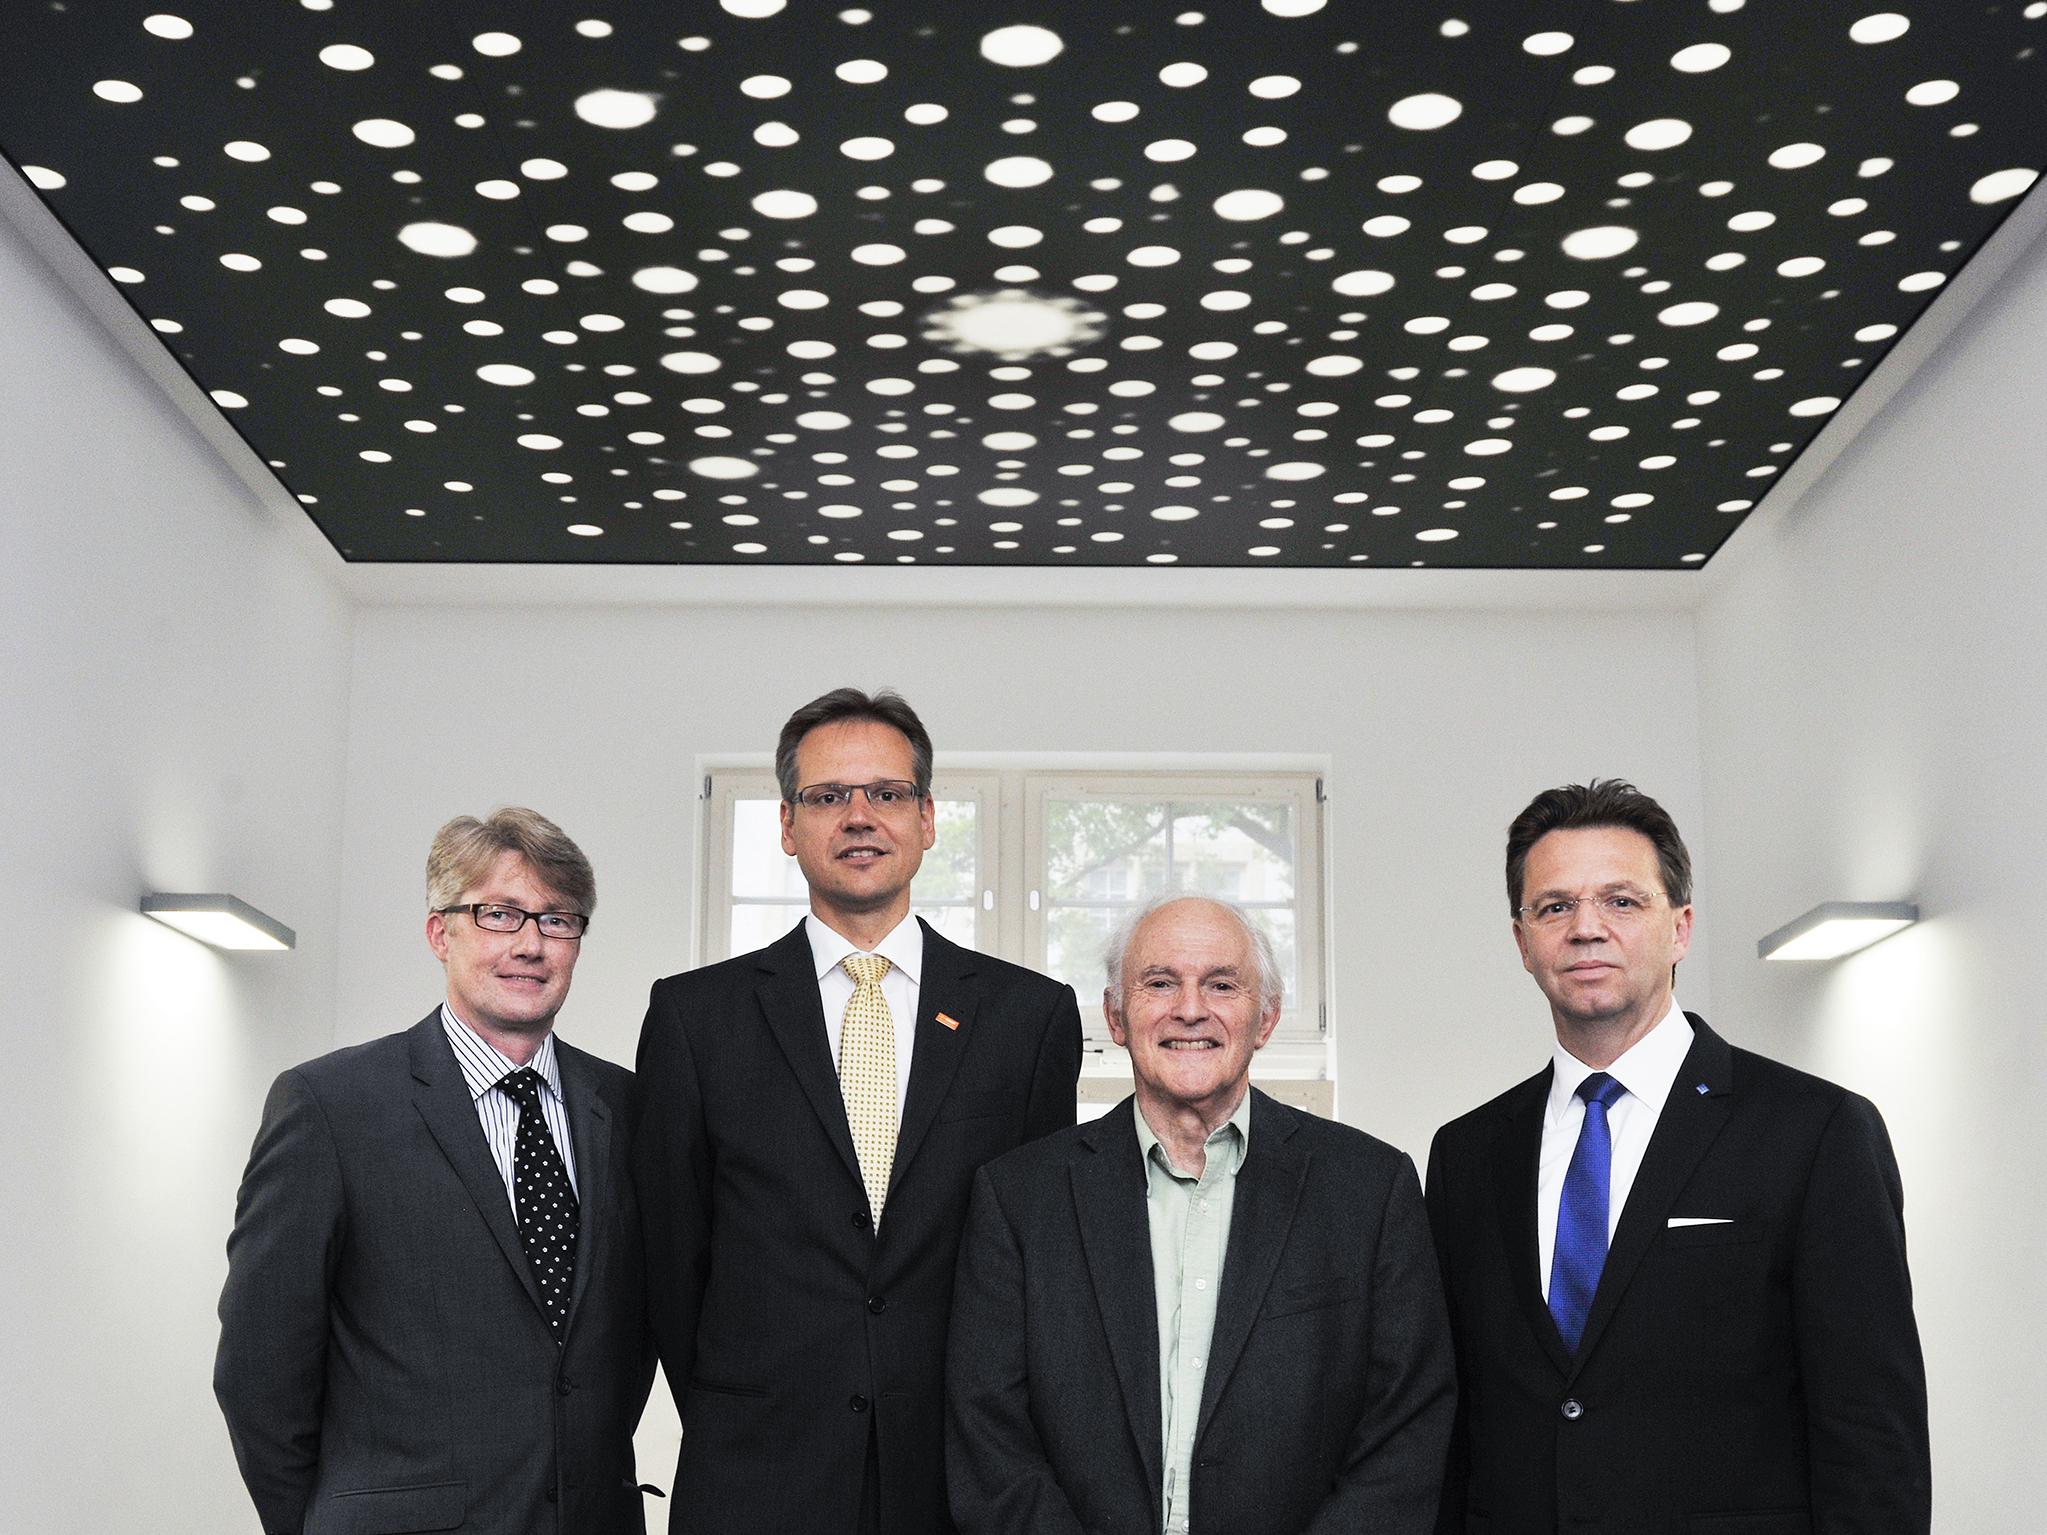 Vier Männer in Anzügen.